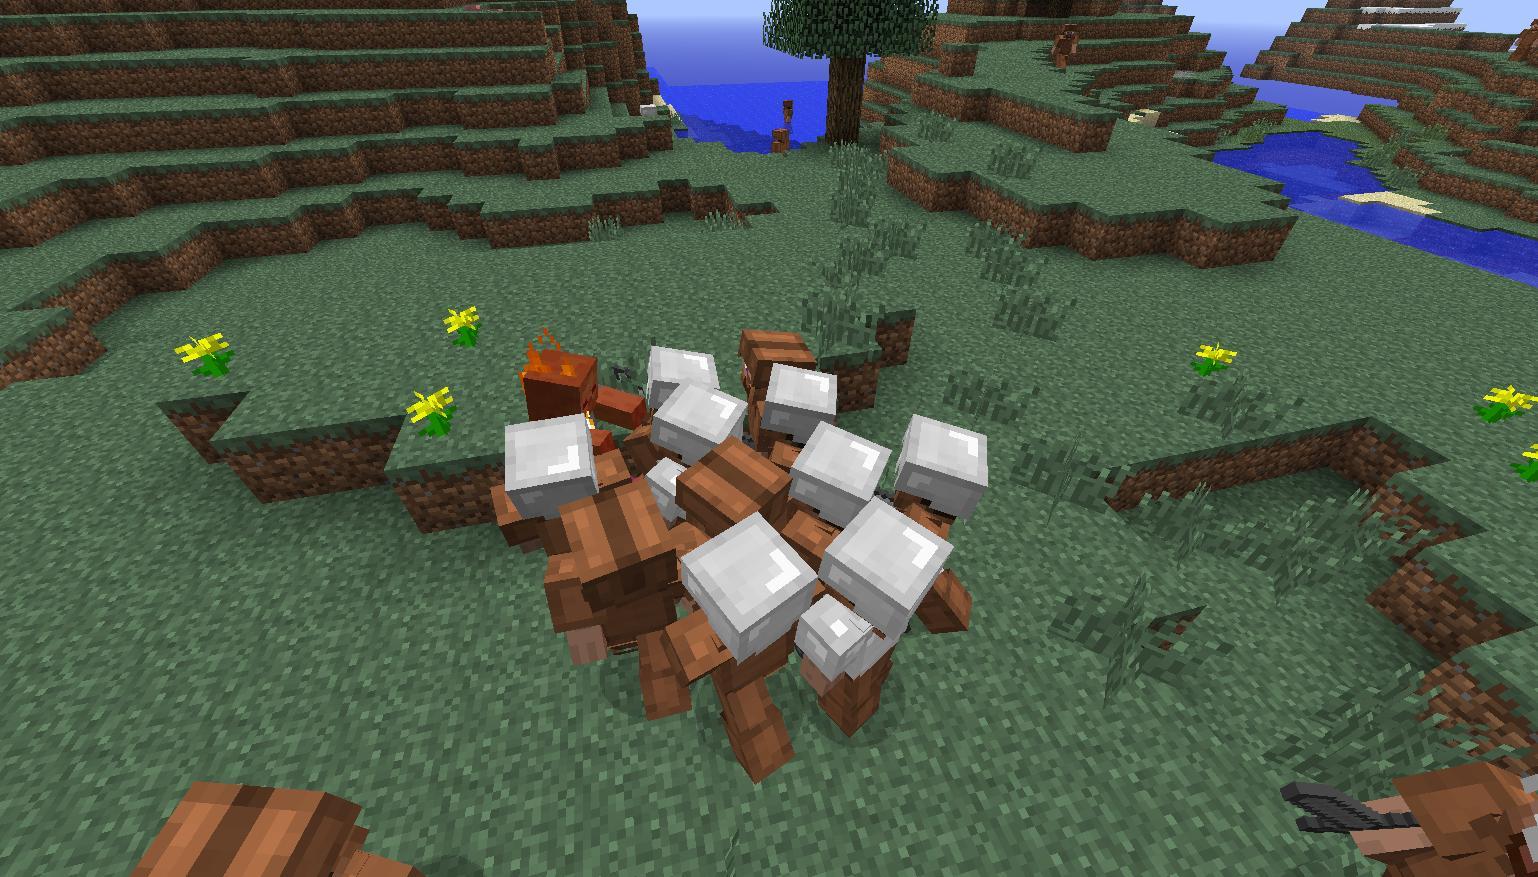 http://minecraft-forum.net/wp-content/uploads/2013/03/b7680__Defensive-Villagers-Mod-2.jpg